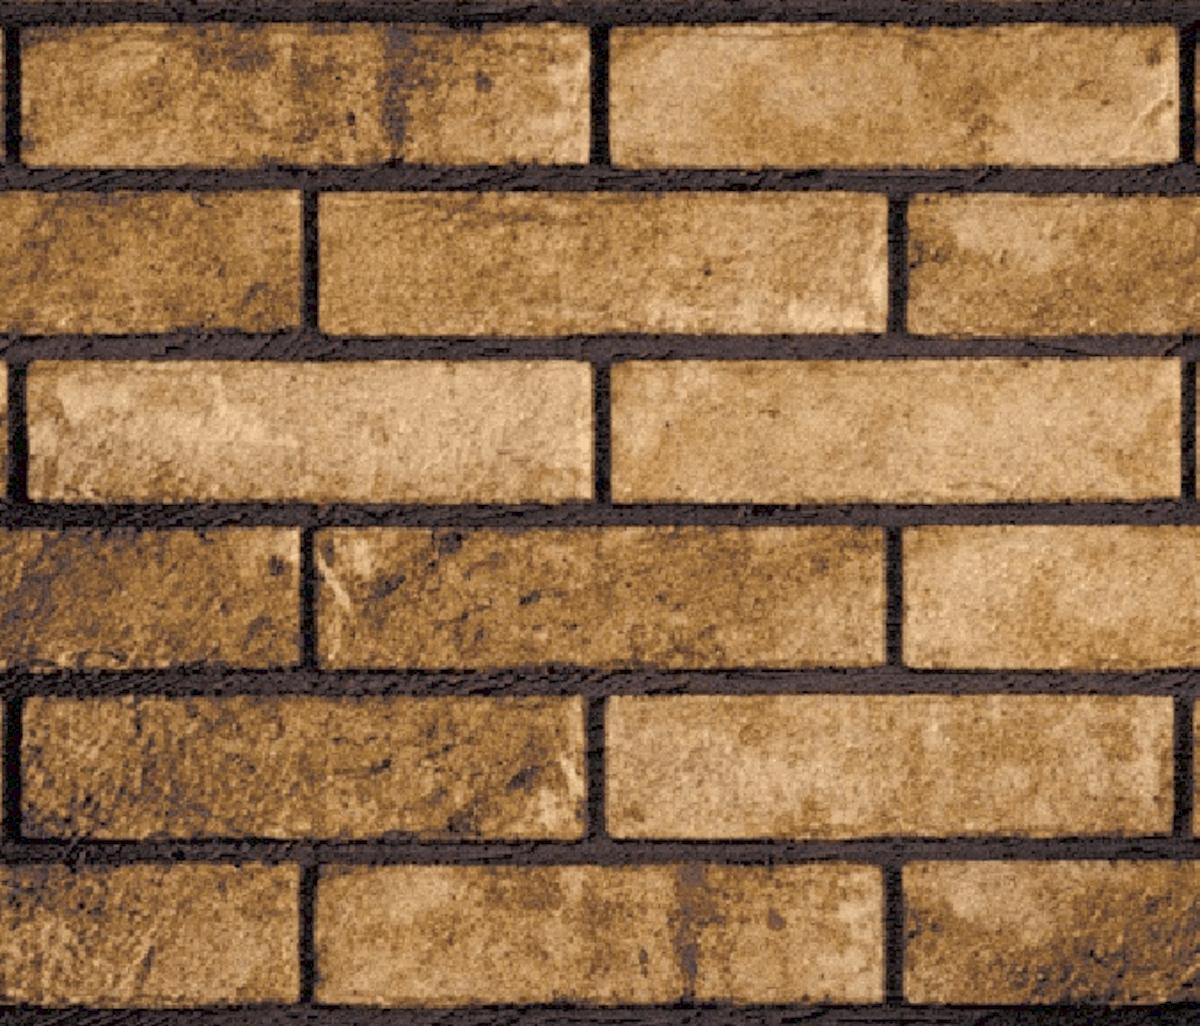 Obklad Multi Brick Tones beige 6x25 cm mat BRTONESBE